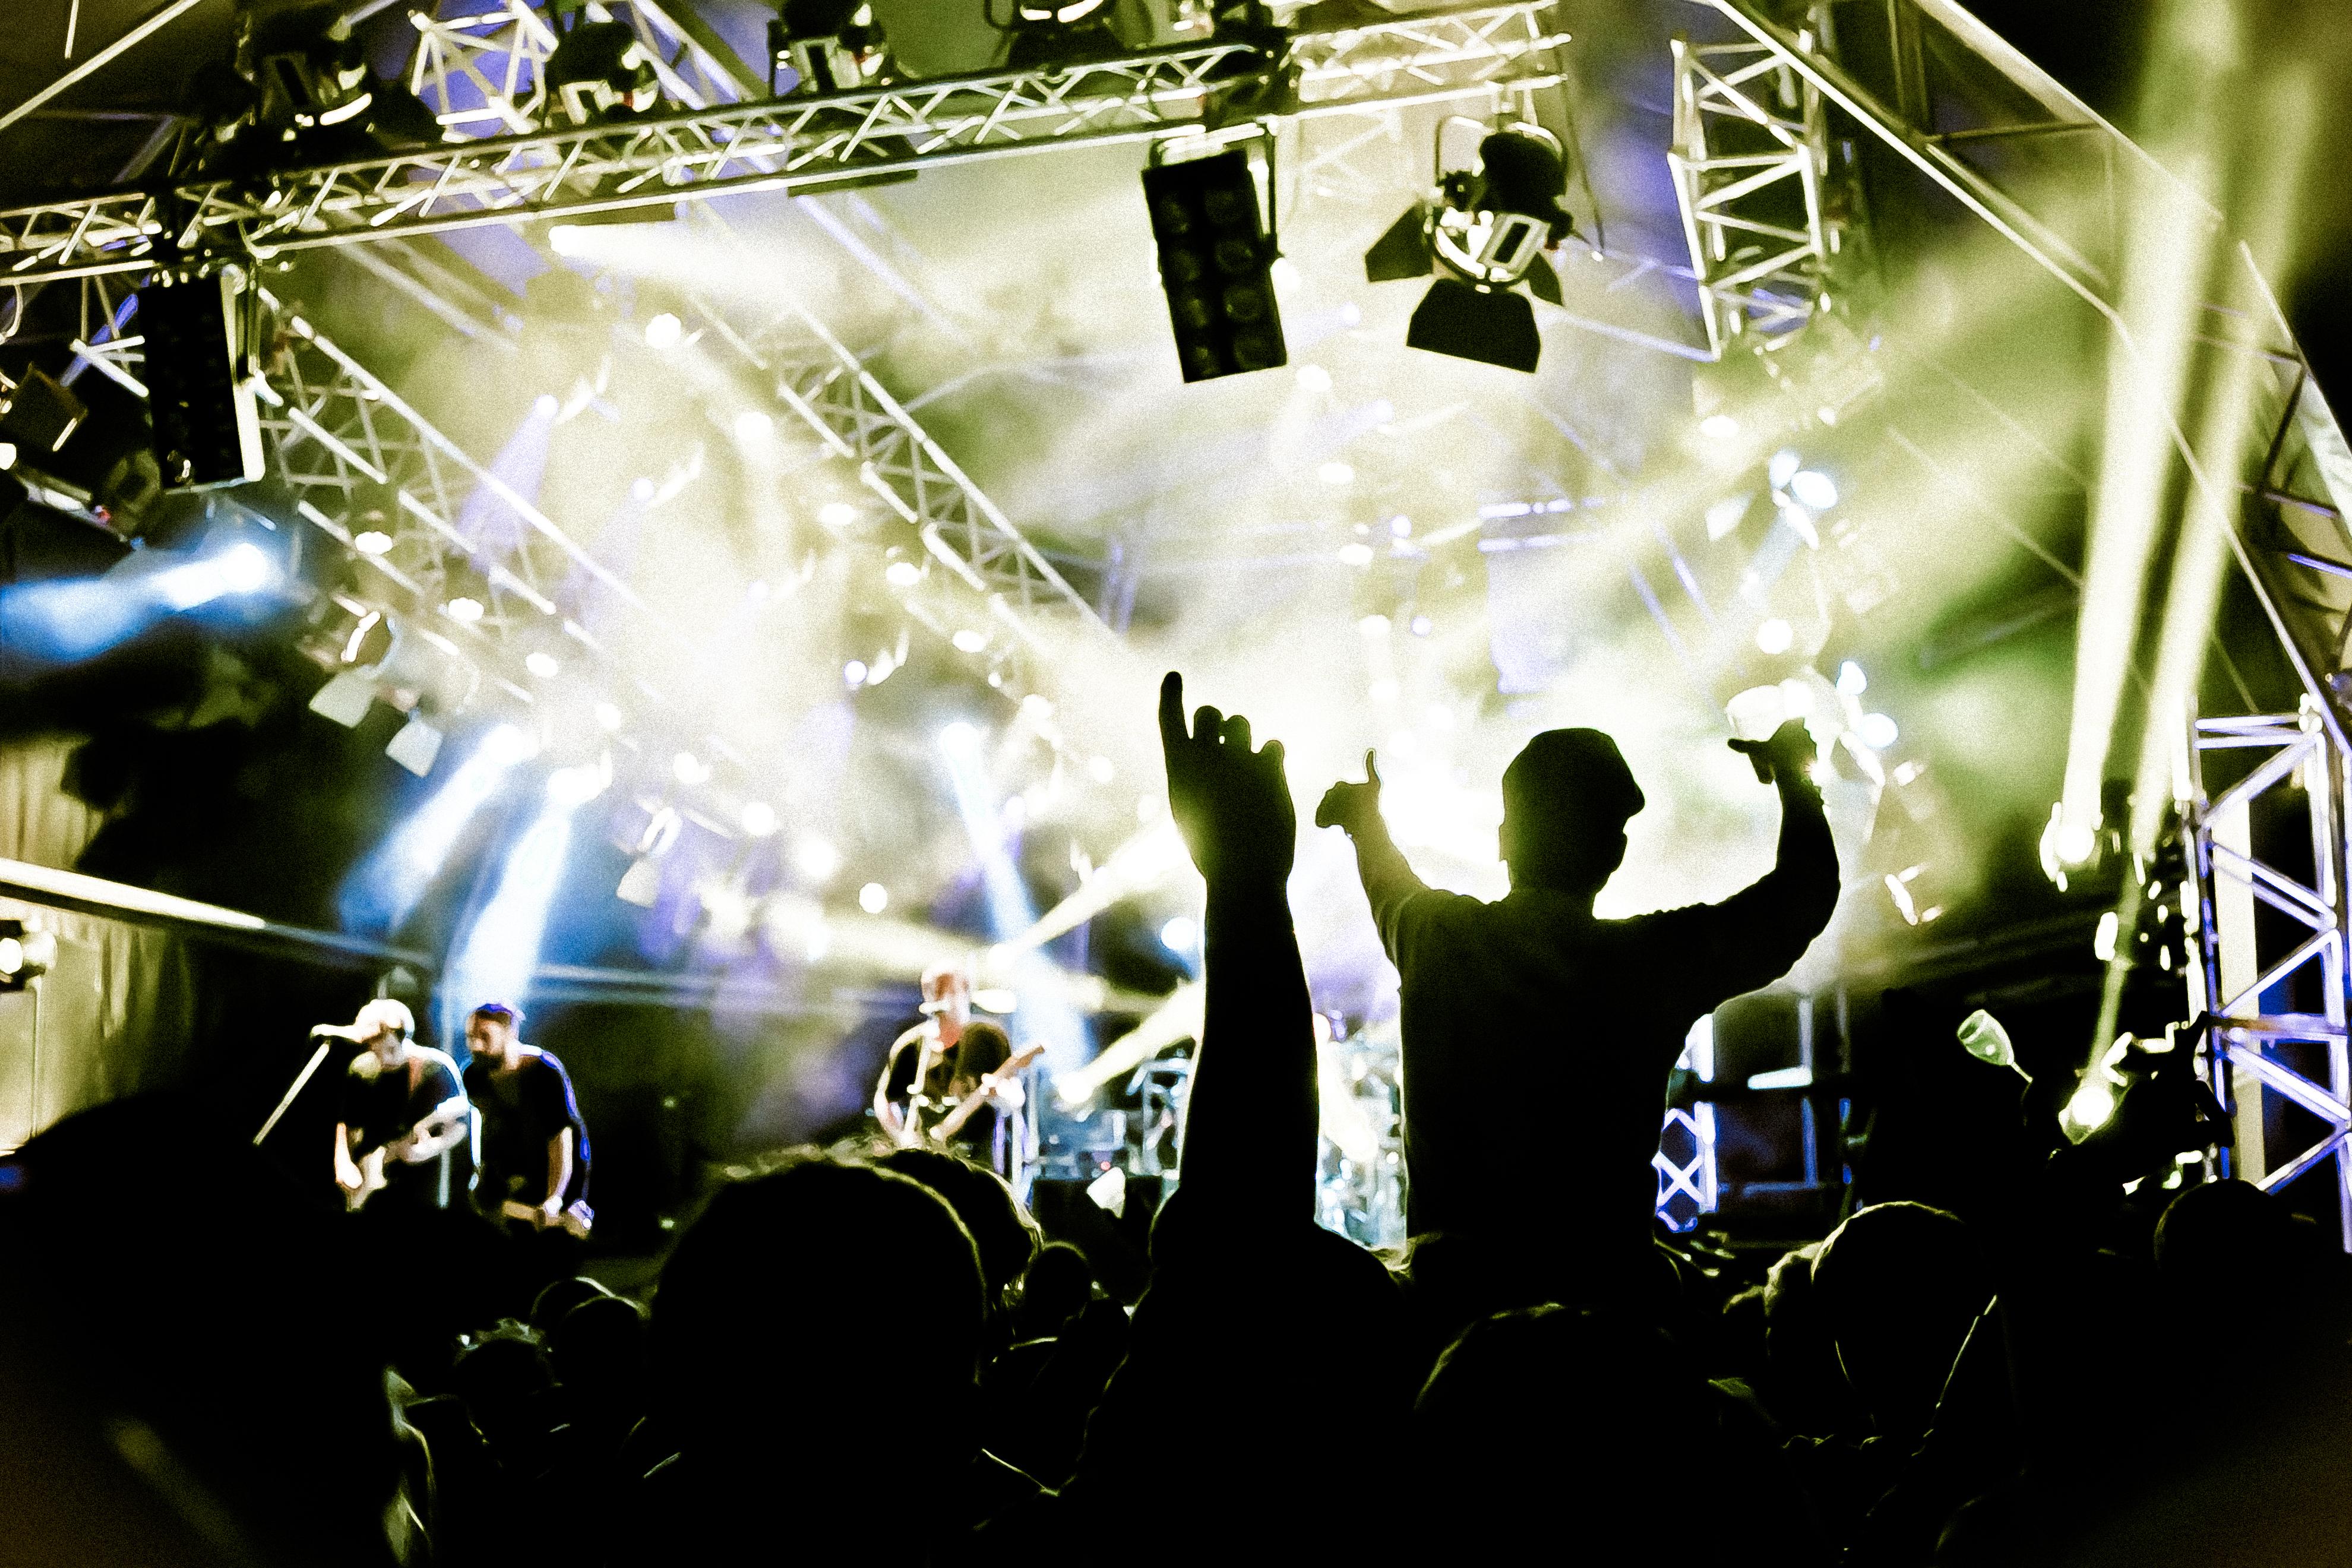 Opelugkonserte is vanjaar weer deel van die Rivierbuurt-program.